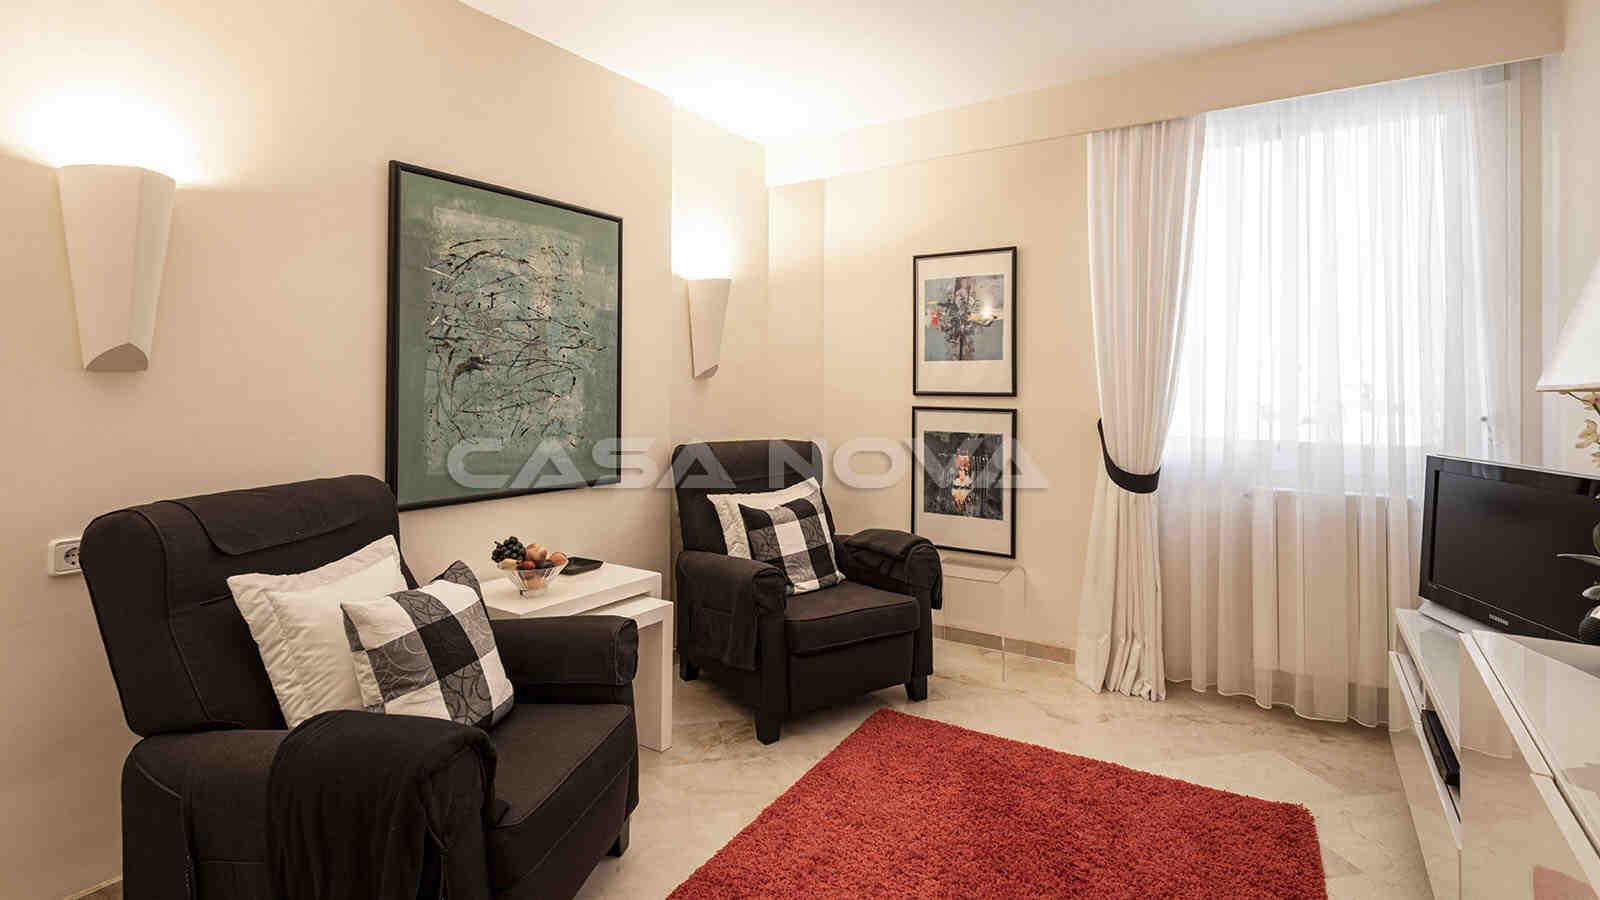 Charmantes Gästezimmer mit schöner Beleuchtung